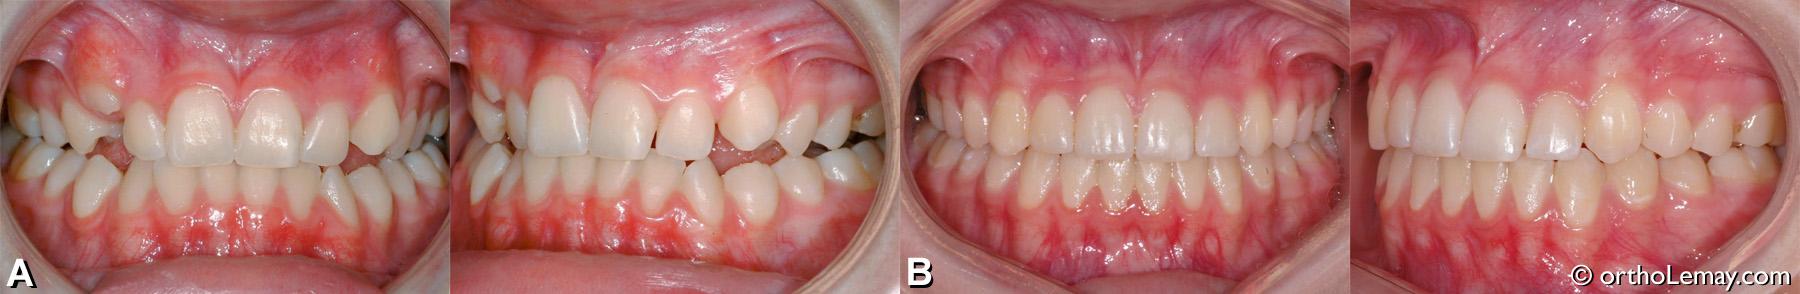 malocclusion dentaire classe 1 béance postérieure, guidance canine inadéquate, arcade étroite.